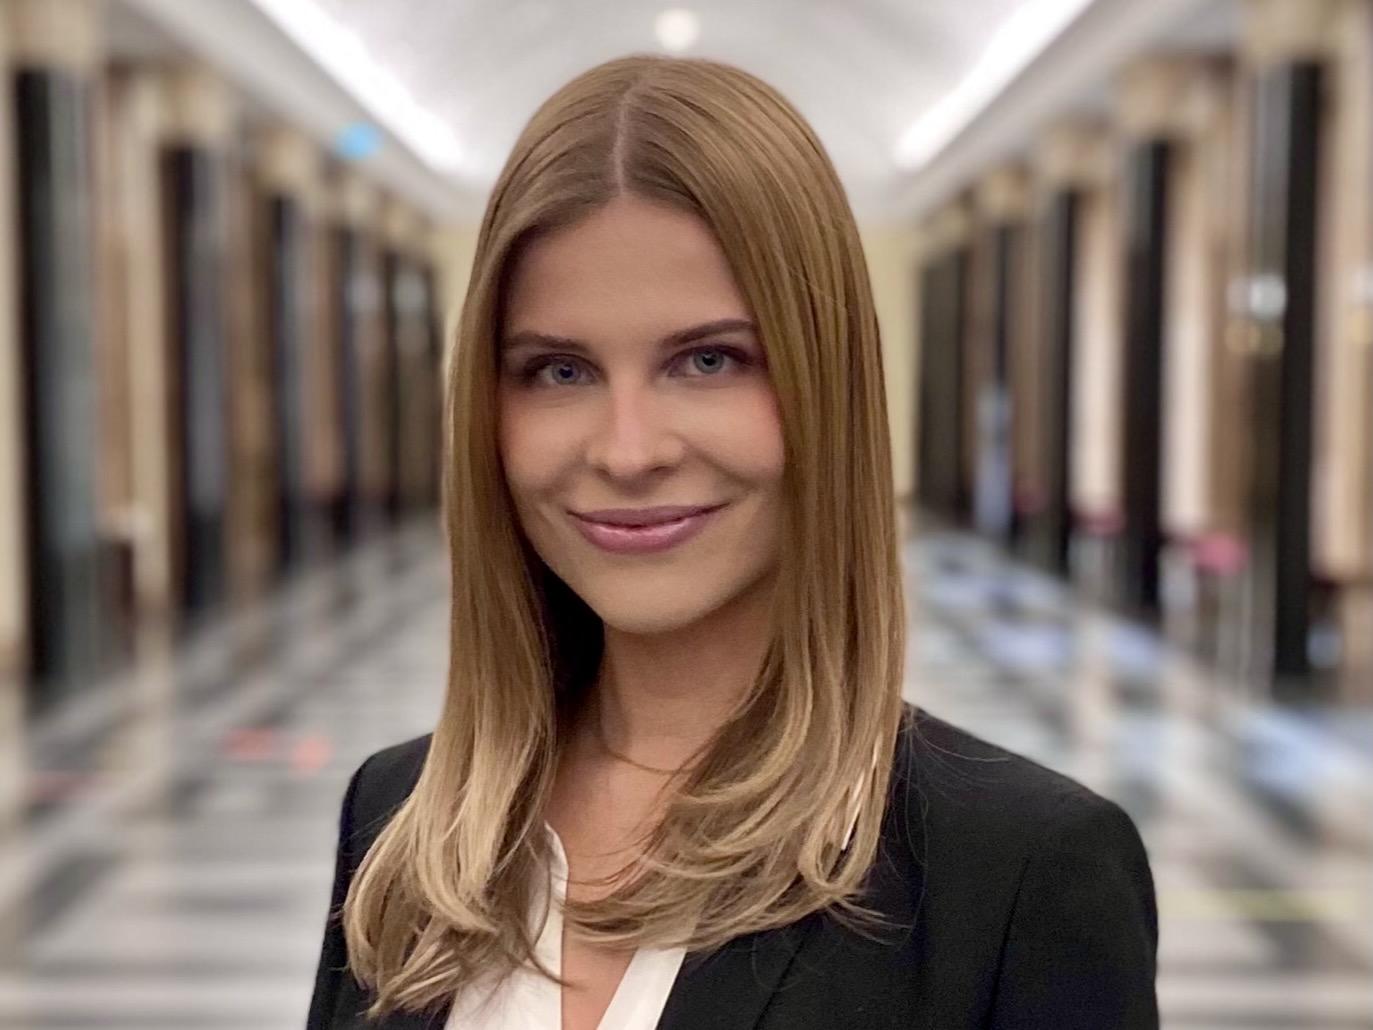 Alison Perlwitz